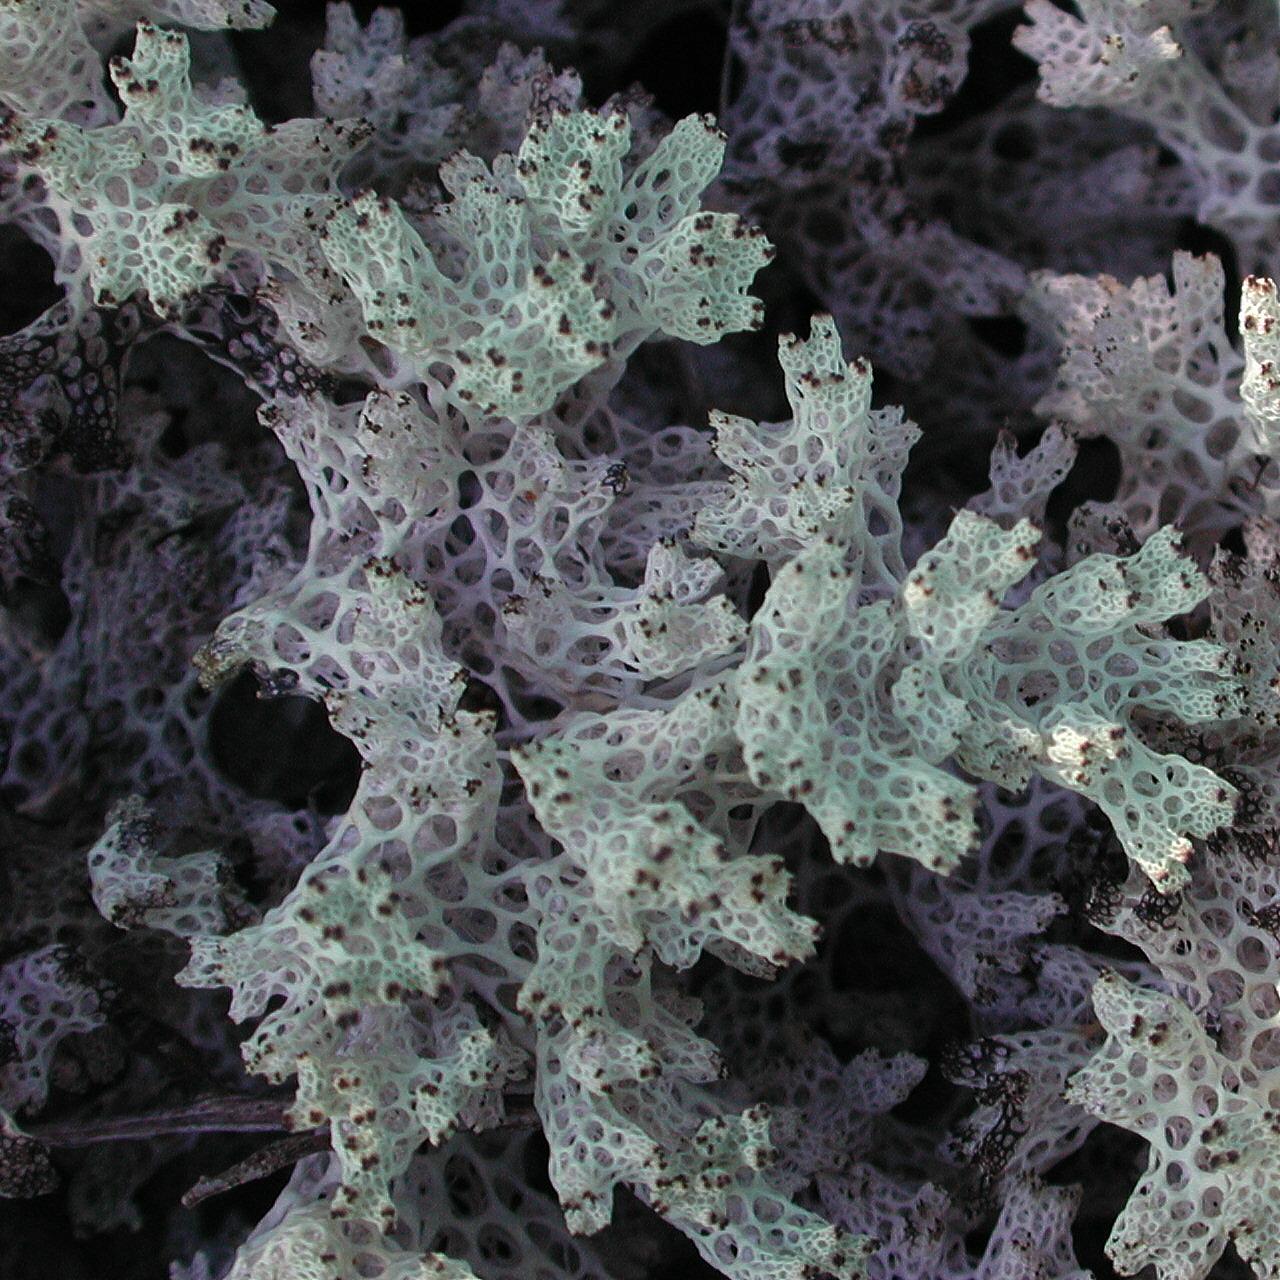 Cladia retipora